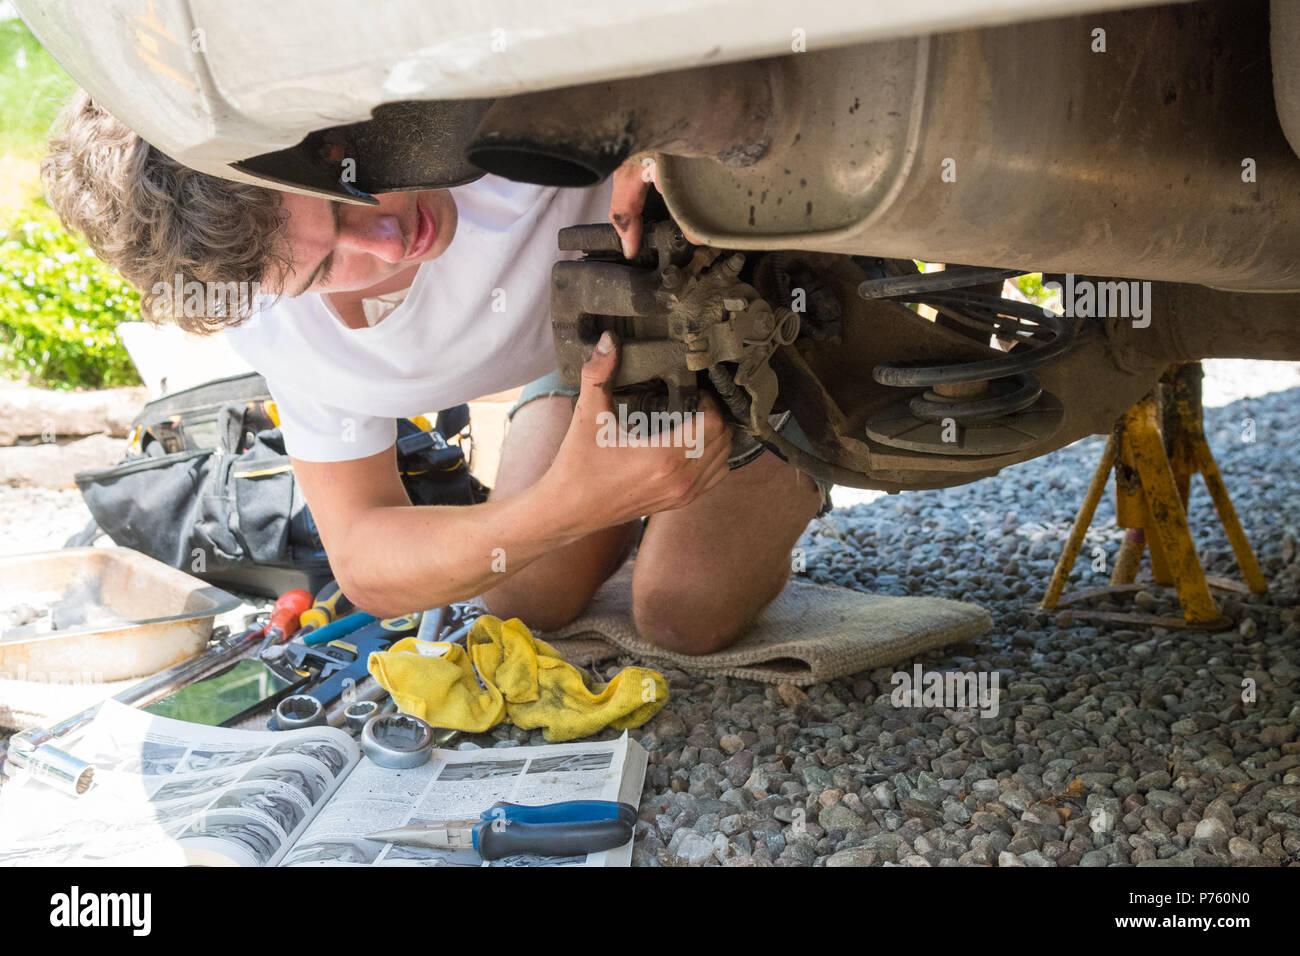 Jovem que fixa carro em casa removendo a pinça do freio como ele muda e as pastilhas de travão de disco Imagens de Stock